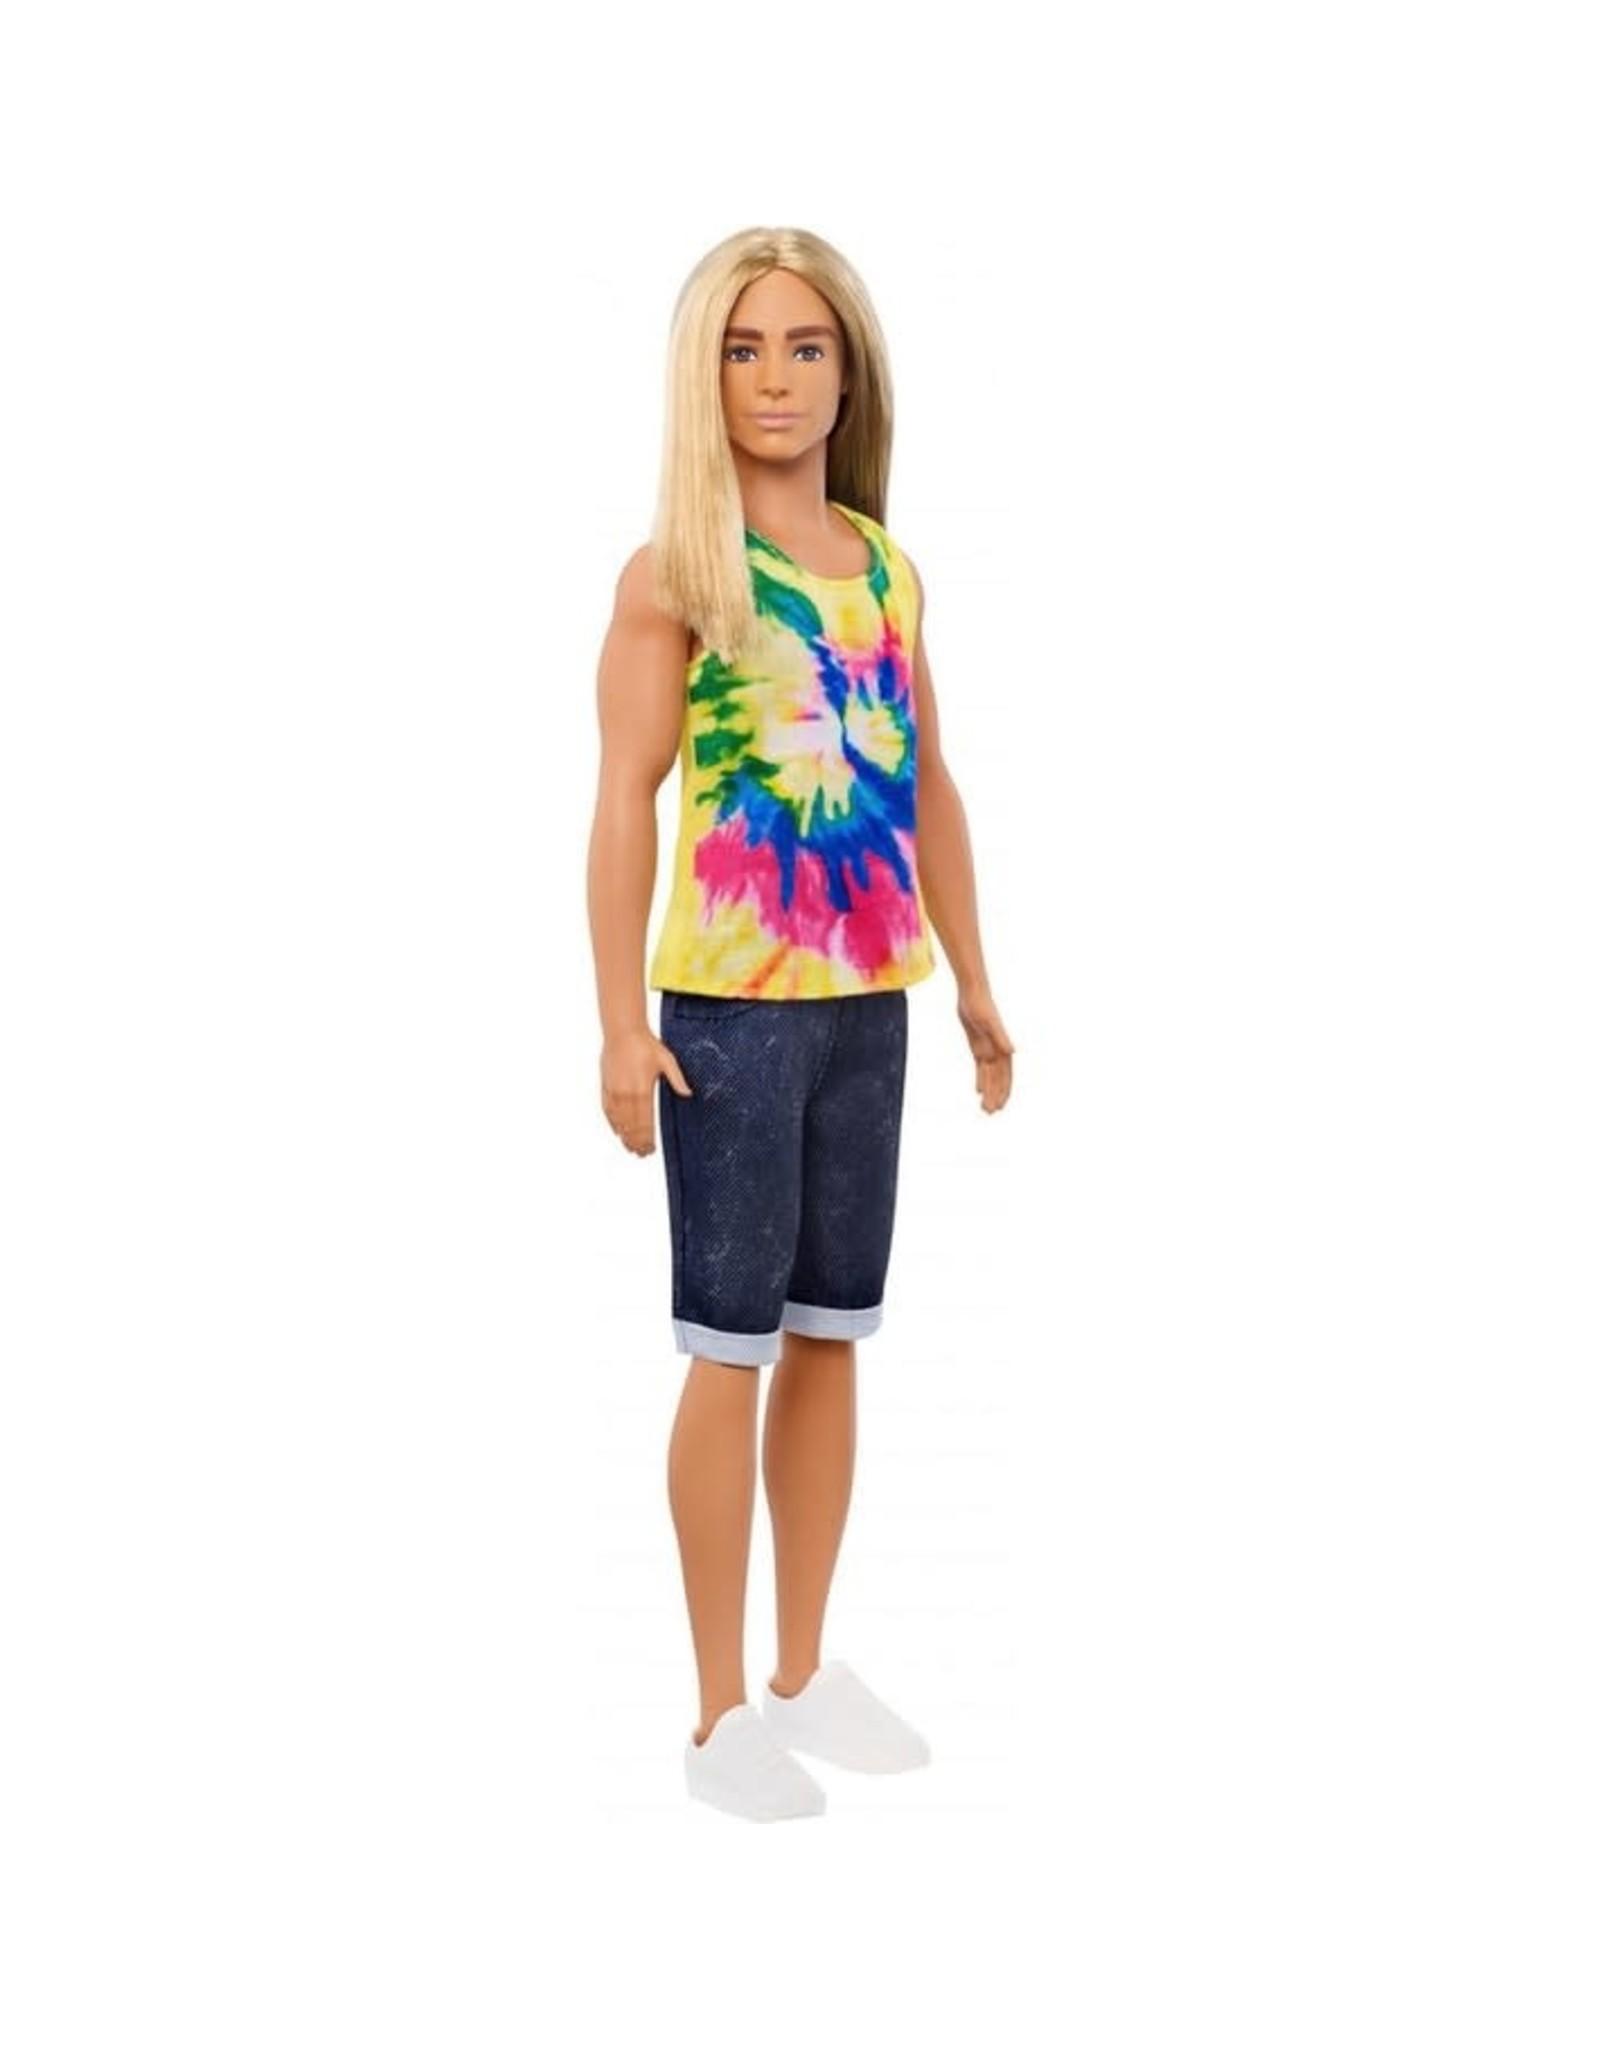 Barbie Fashionista Ken